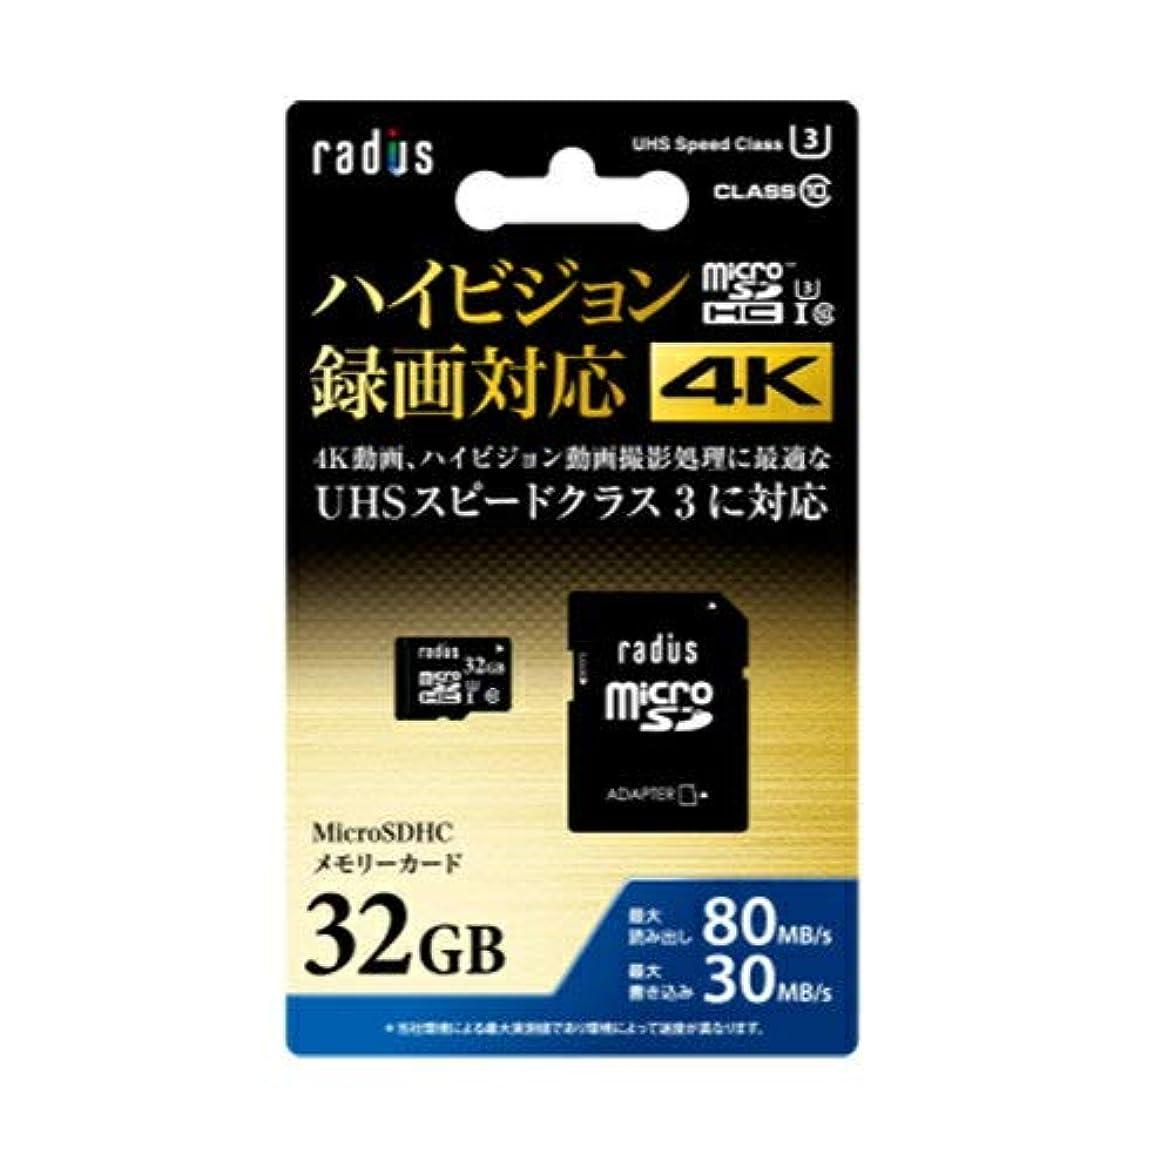 グッゲンハイム美術館チーズ交響曲ラディウス RP-MSX32U3 microSDHCカード 32GB CLASS10